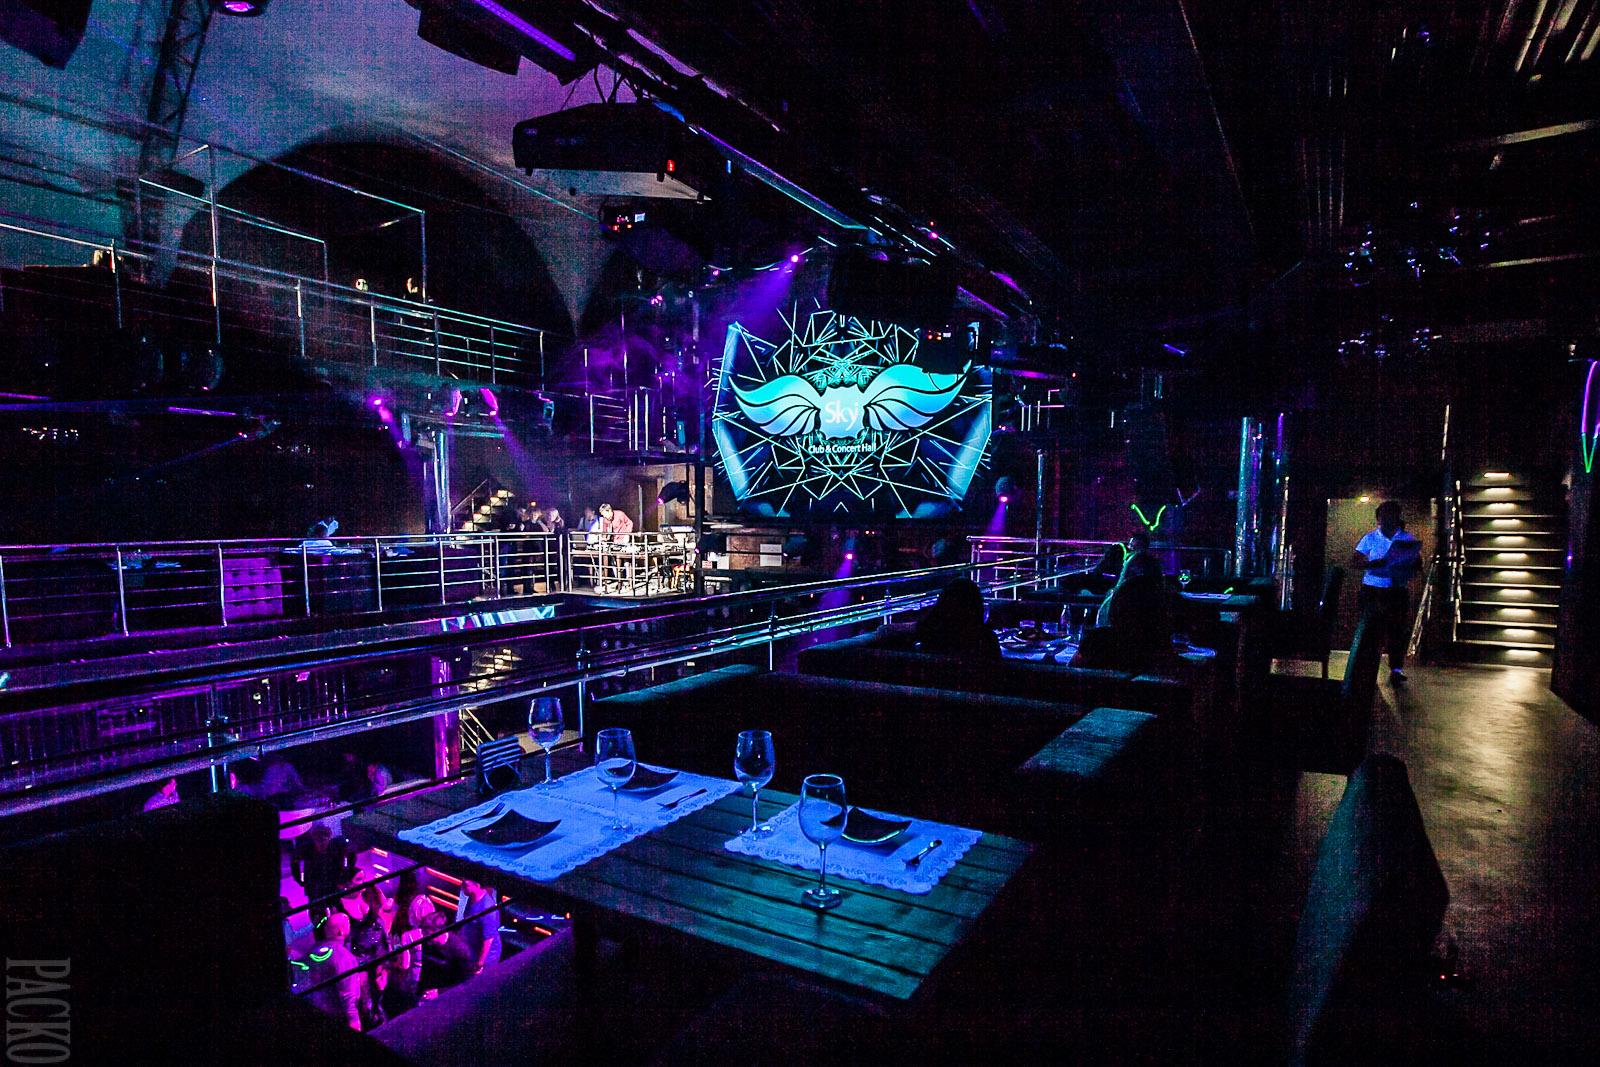 Ночной клуб sky club concert hall сочи 7 небо клуб москва